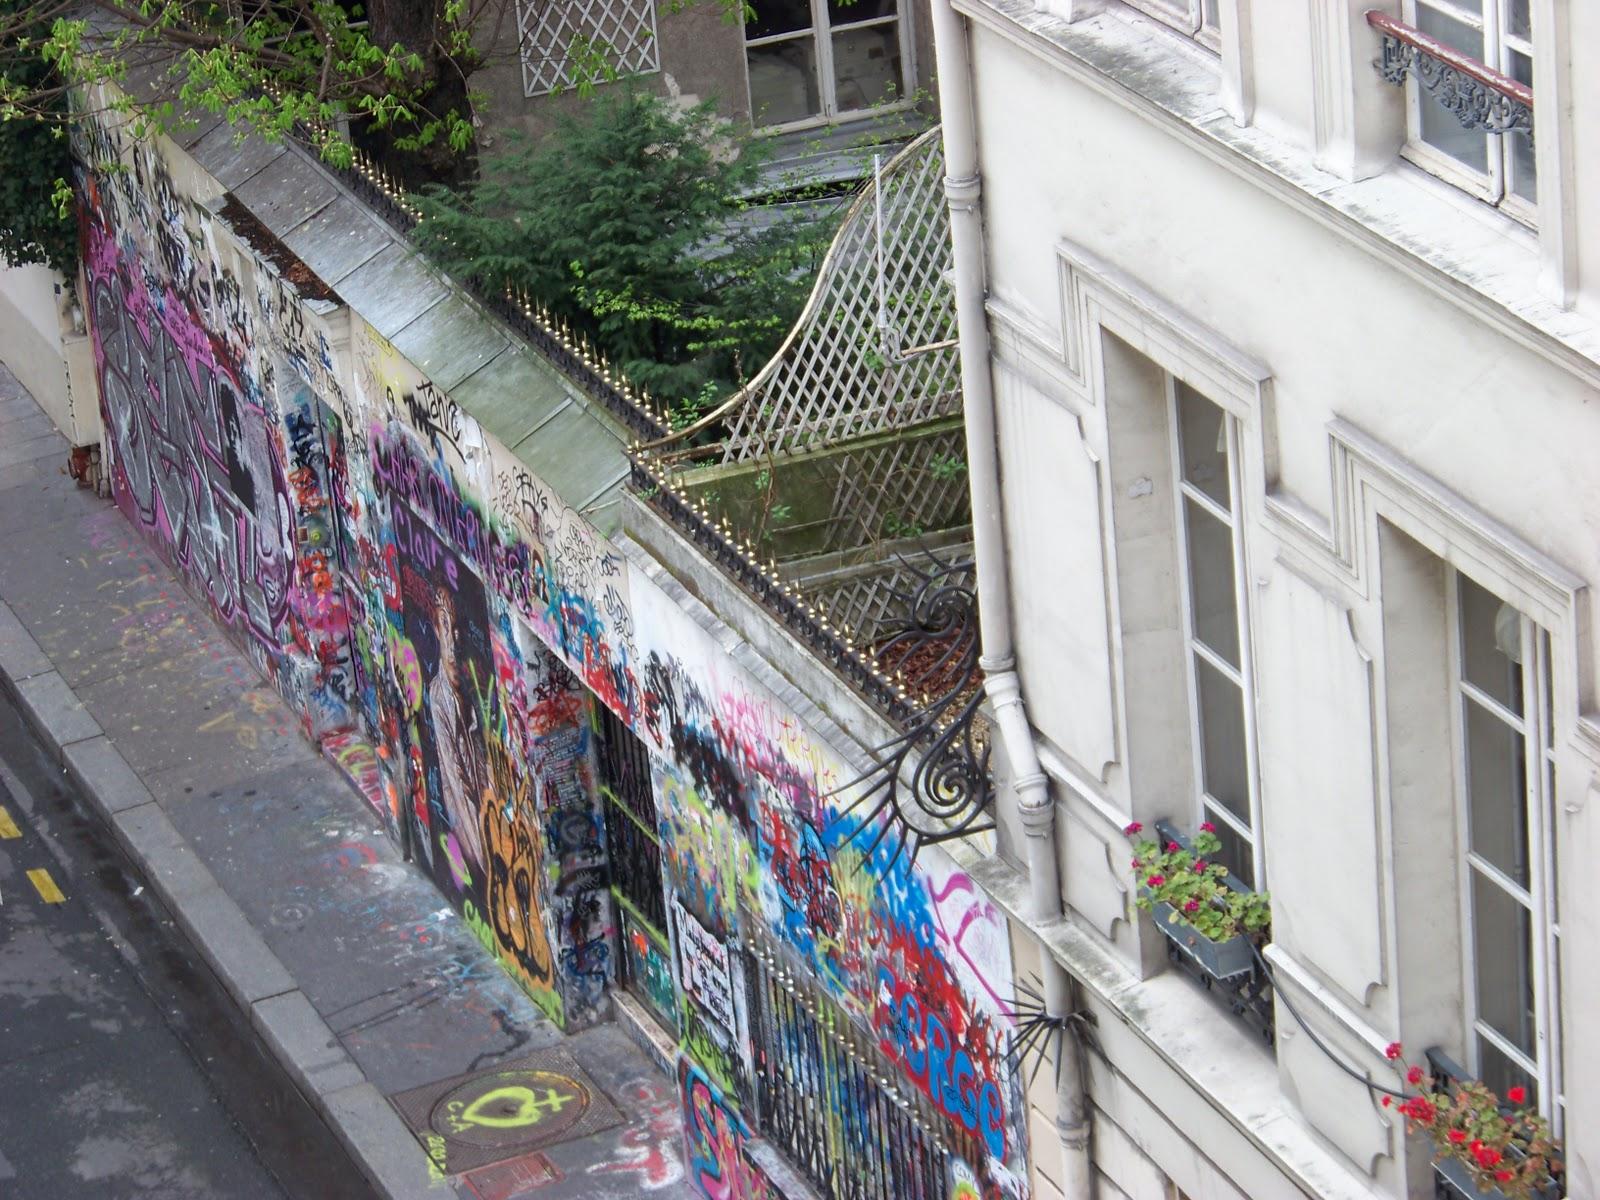 Serge gainsbourg et jane birkin époque melody nelson passage par la rue de verneuil